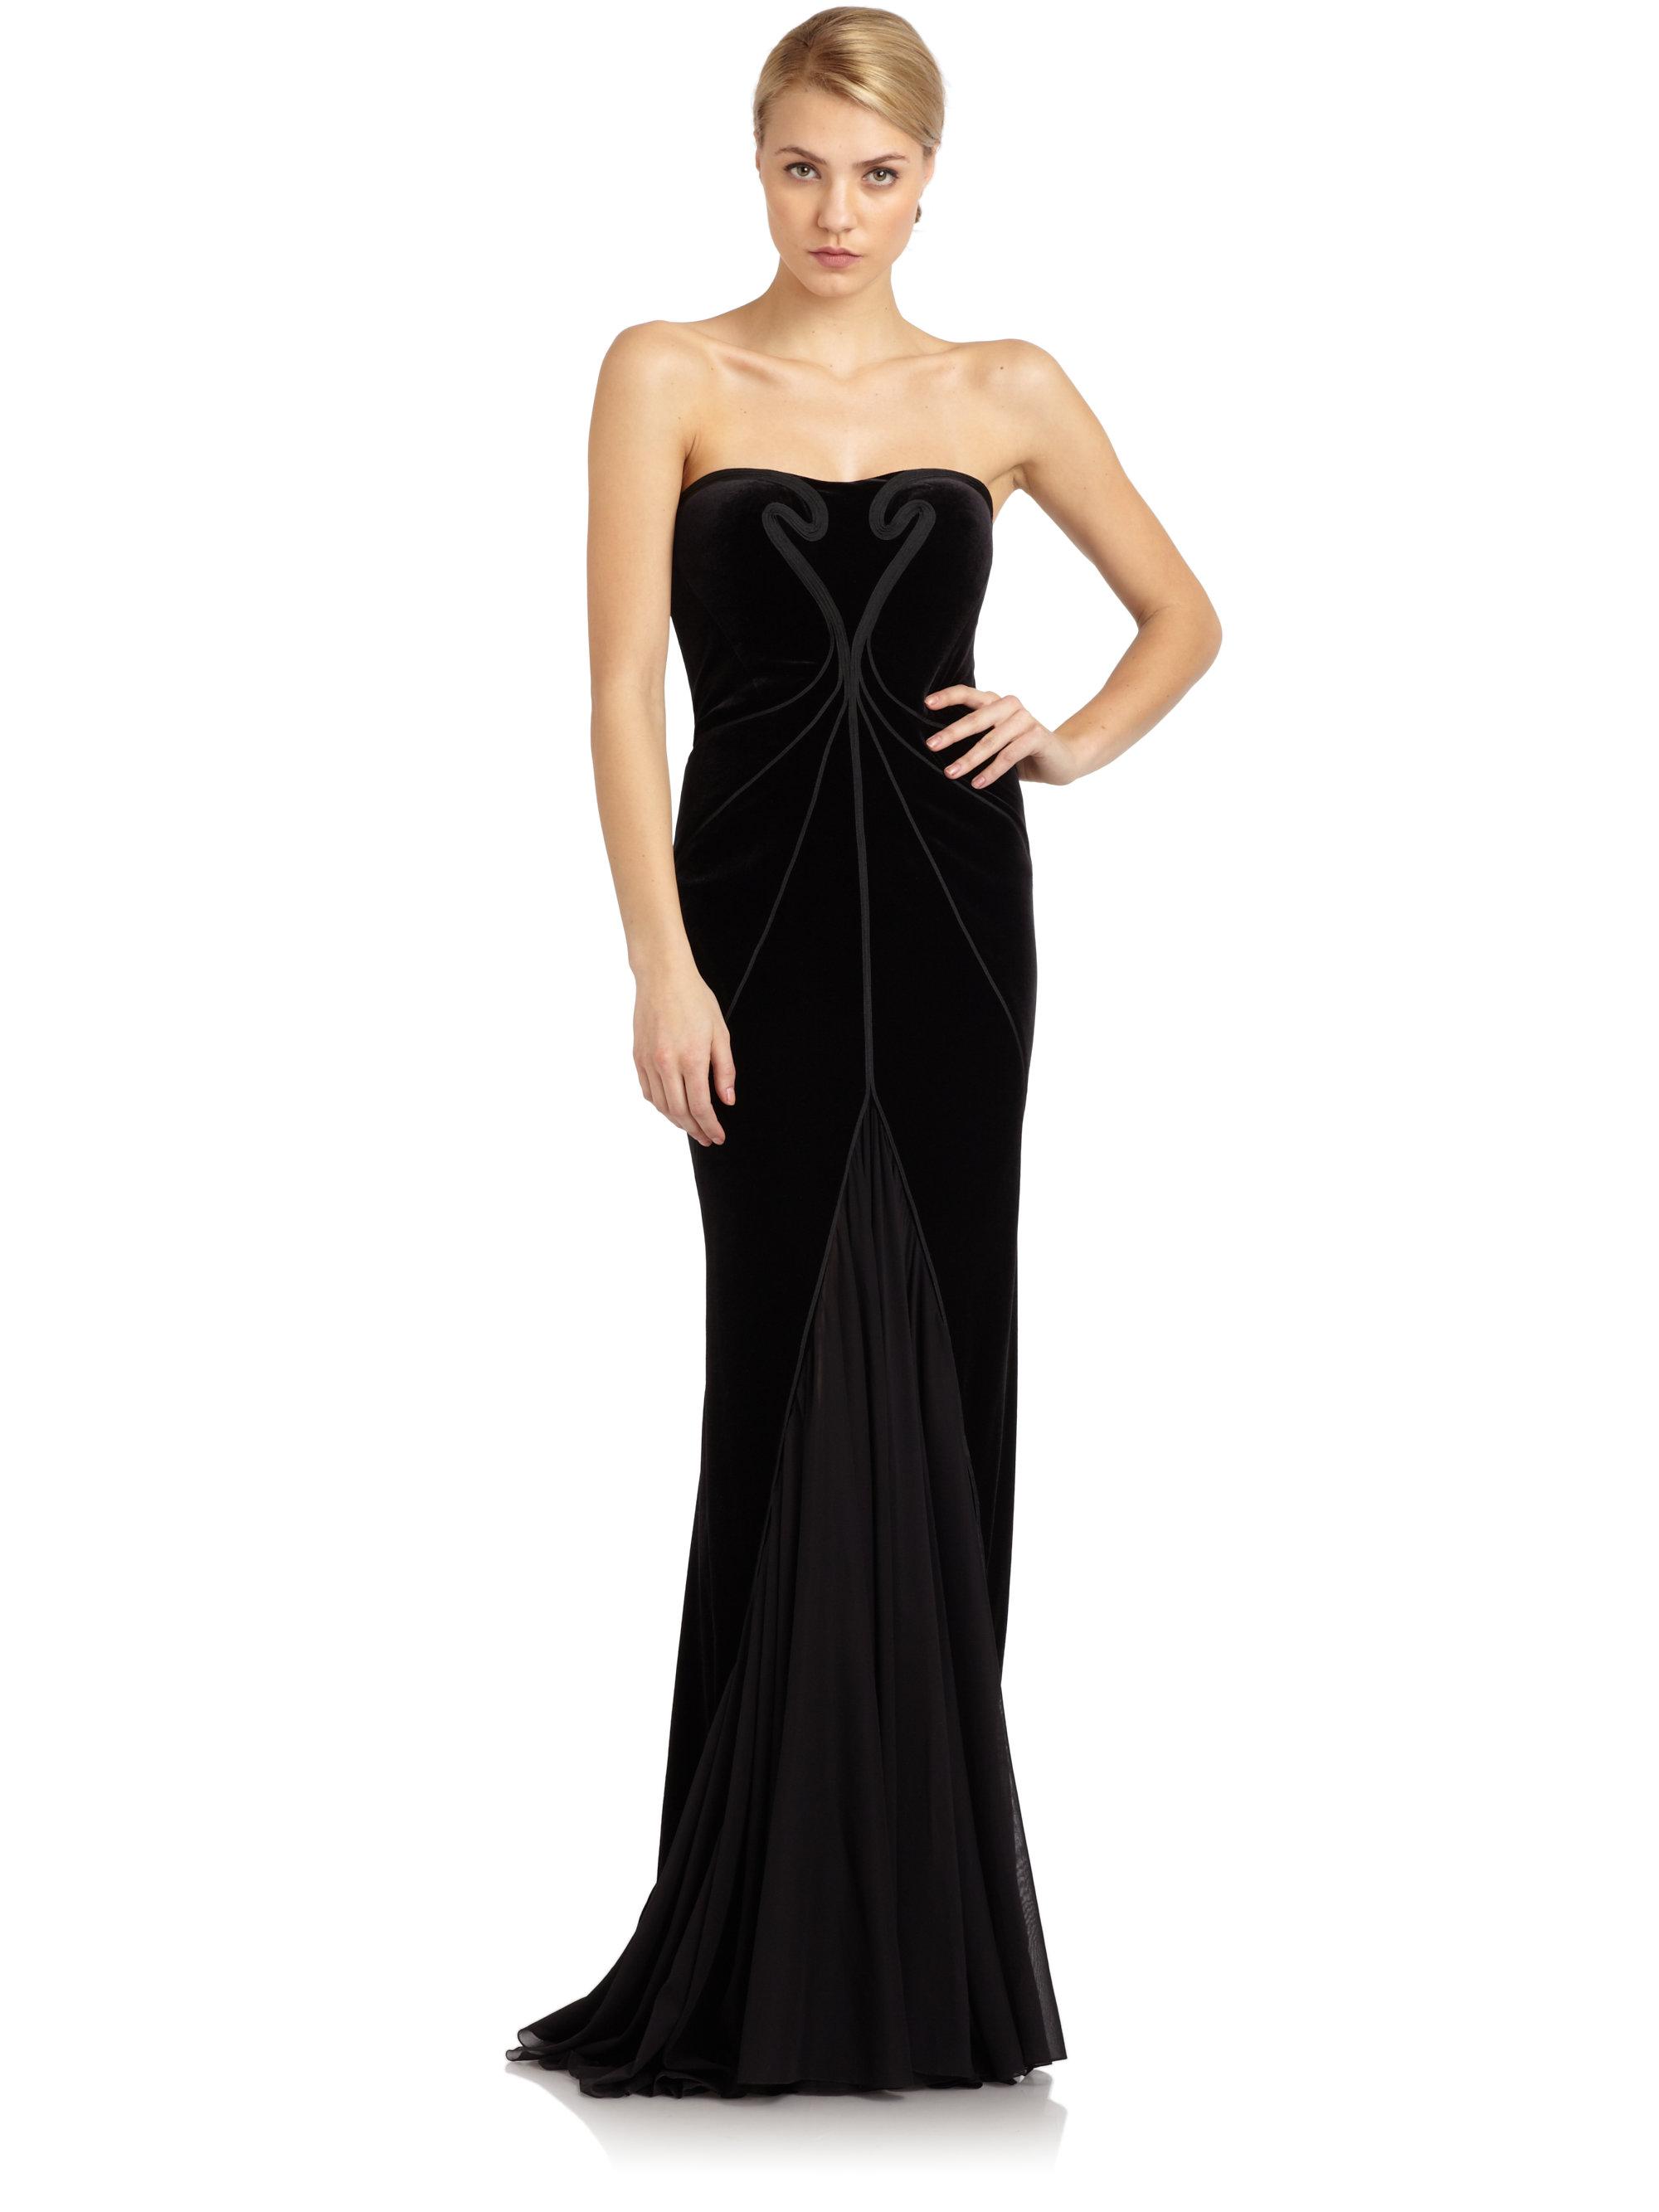 Zac posen Velvet Strapless Gown in Black - Lyst